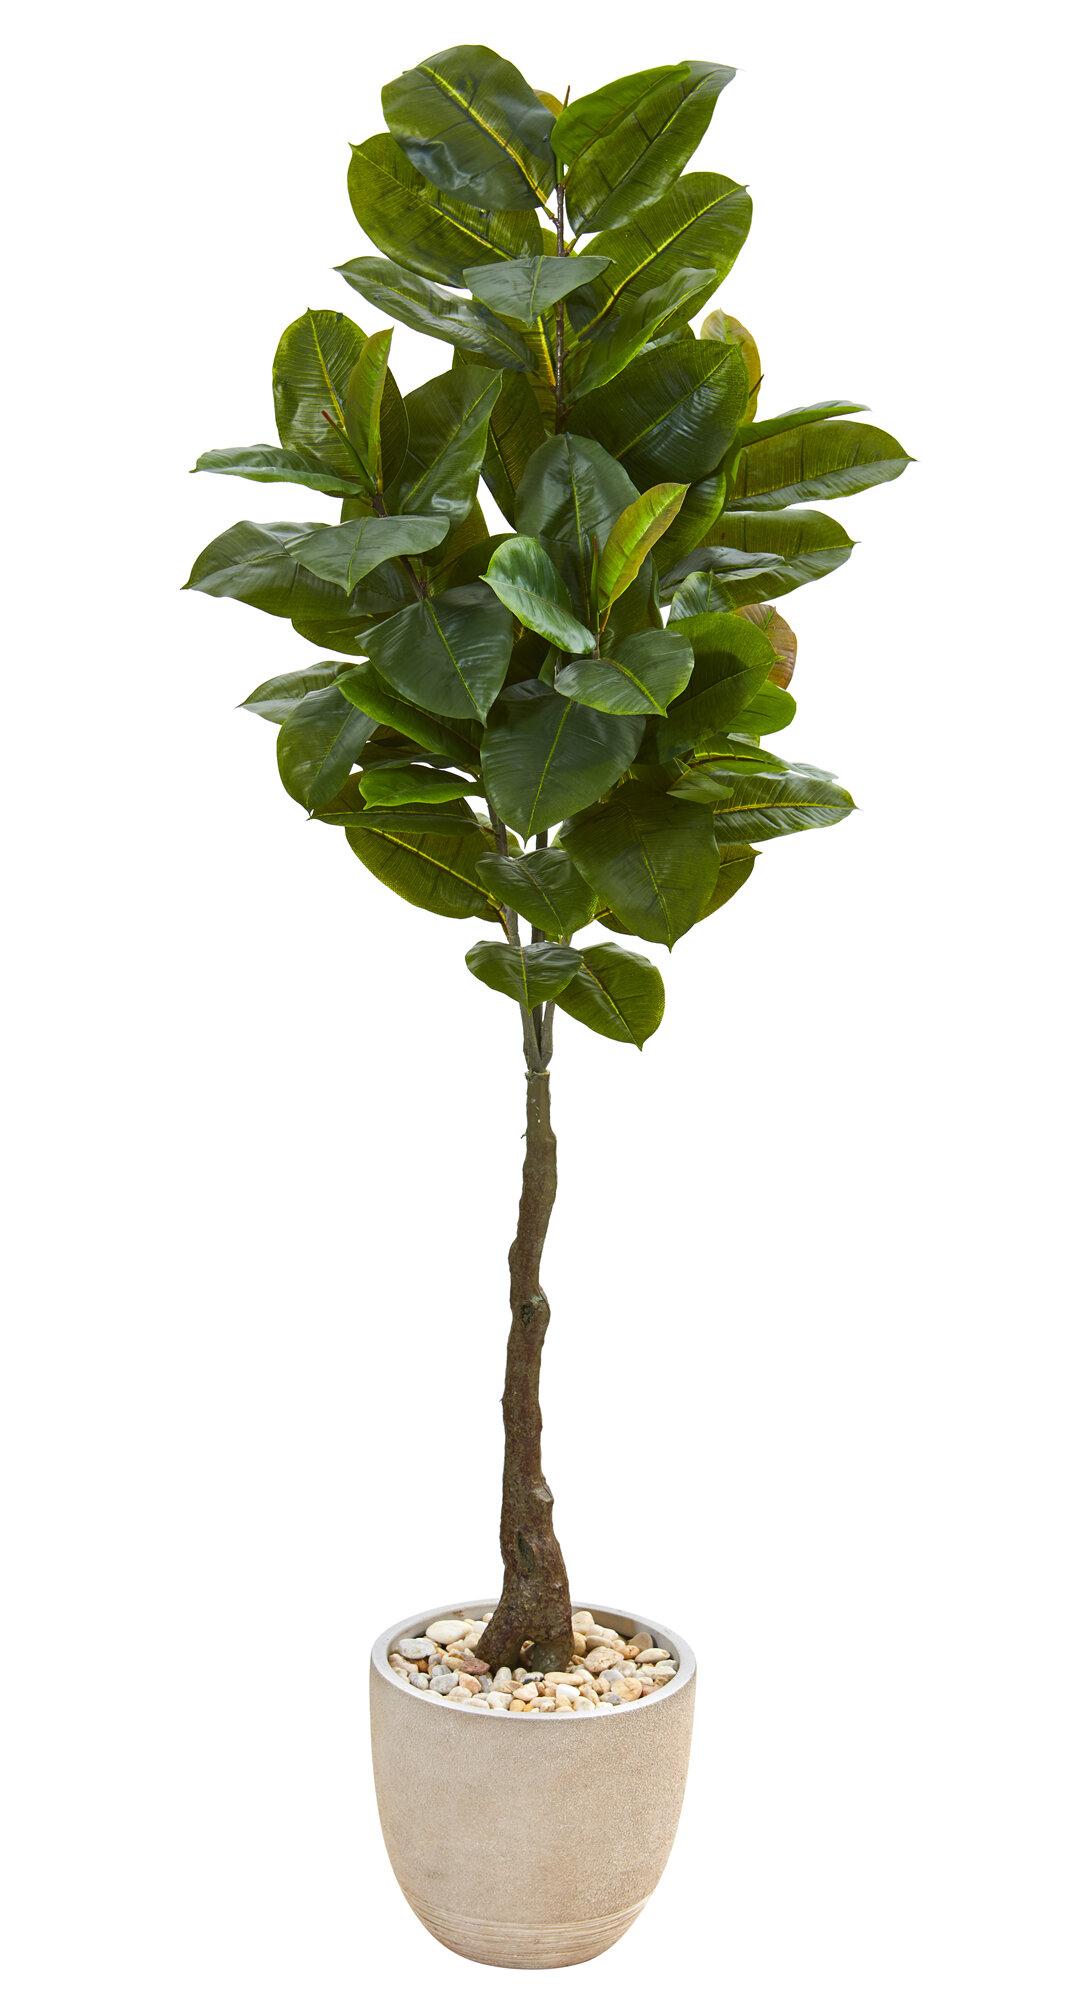 Gracie Oaks Artificial Rubber Leaf Tree In Pot Wayfair